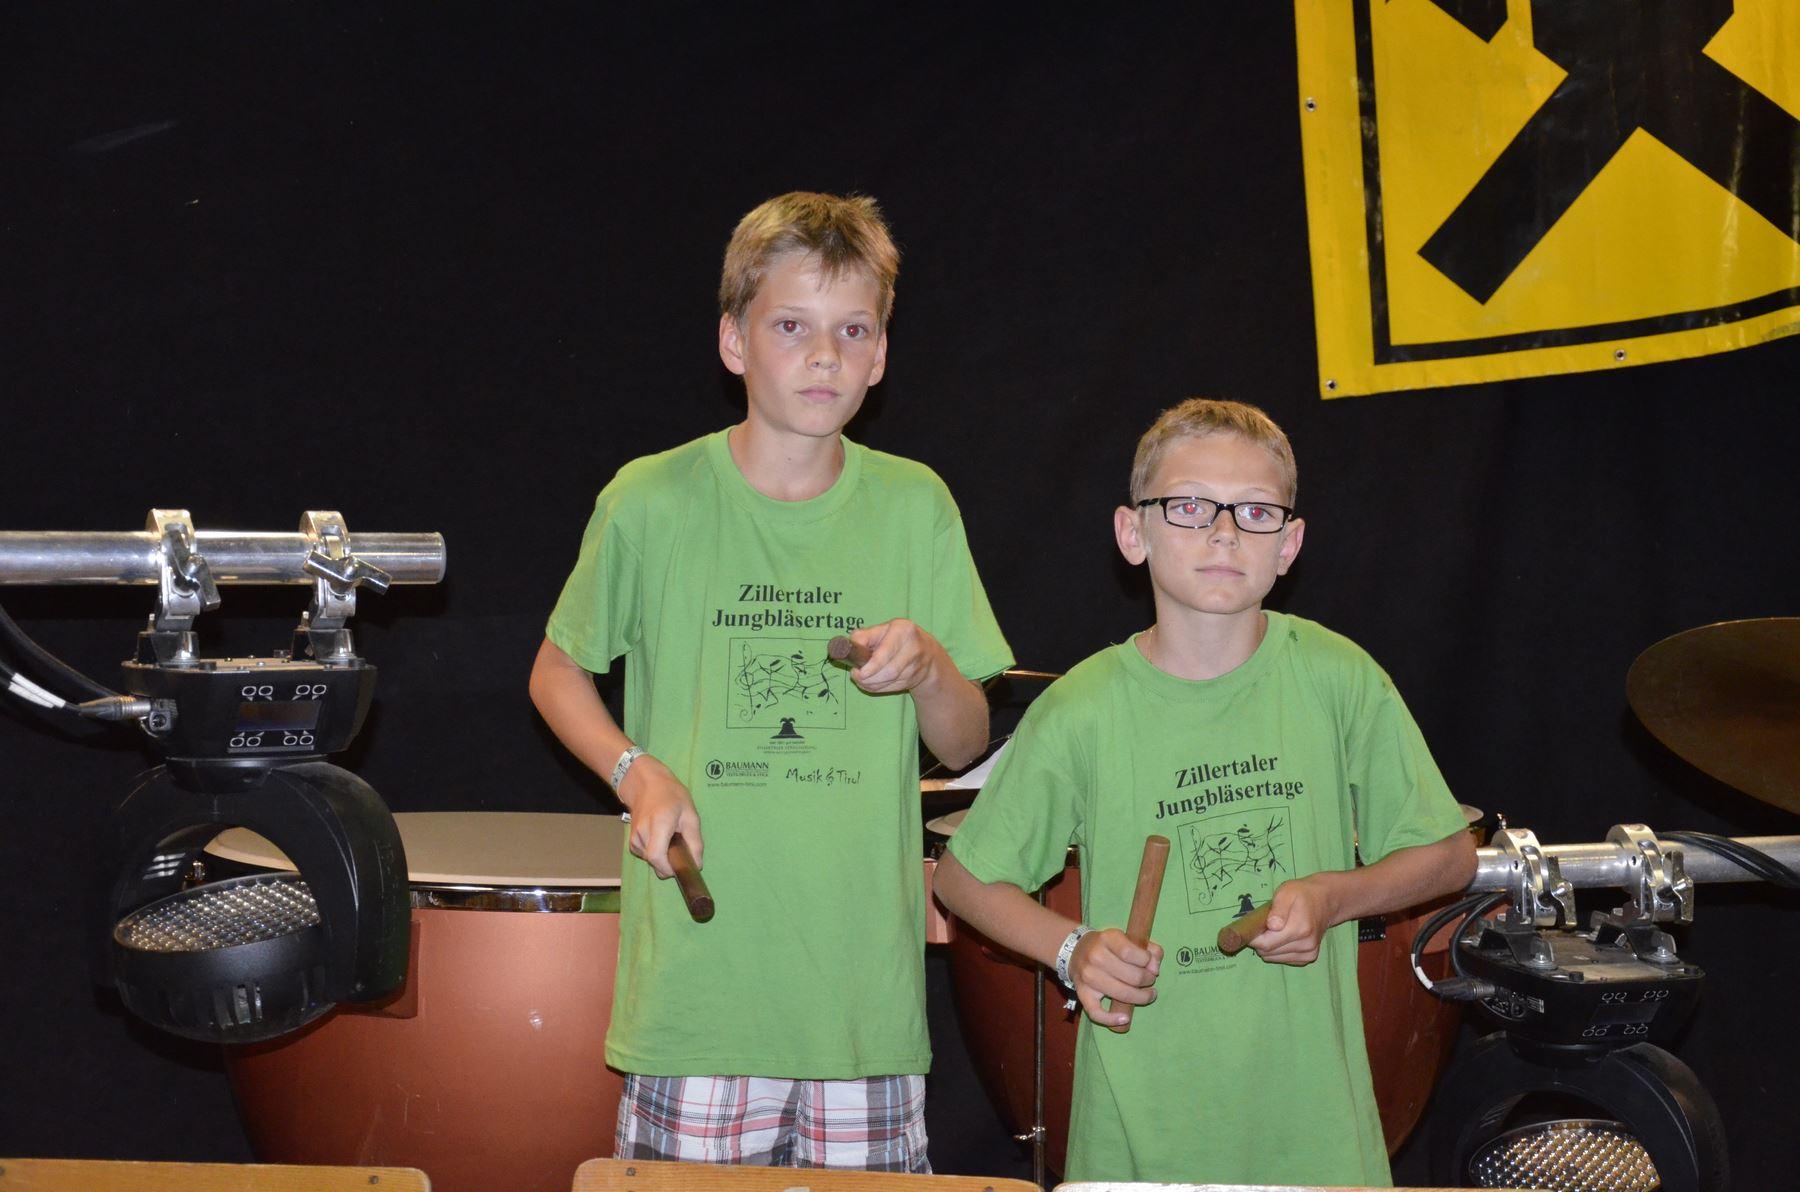 2015-07-17 Jungbläsertage 147